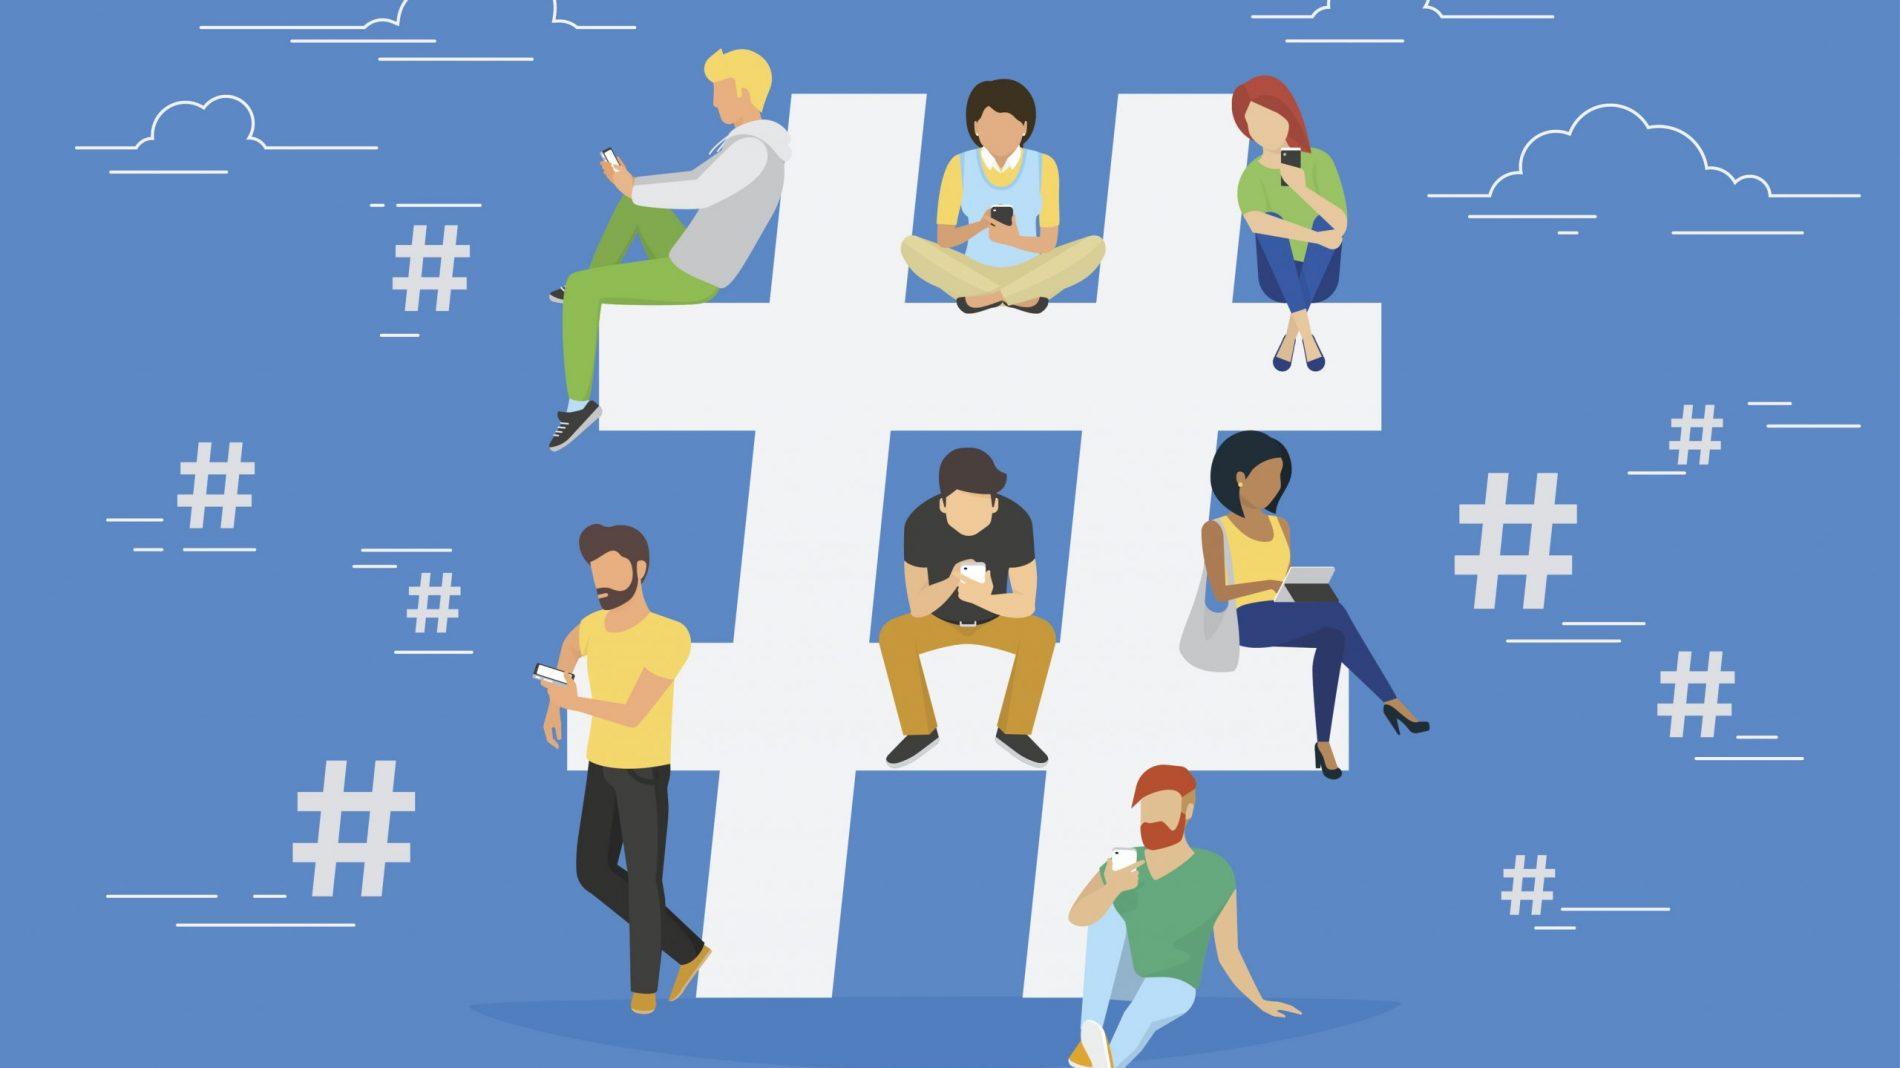 Twitter Hashtag Animation